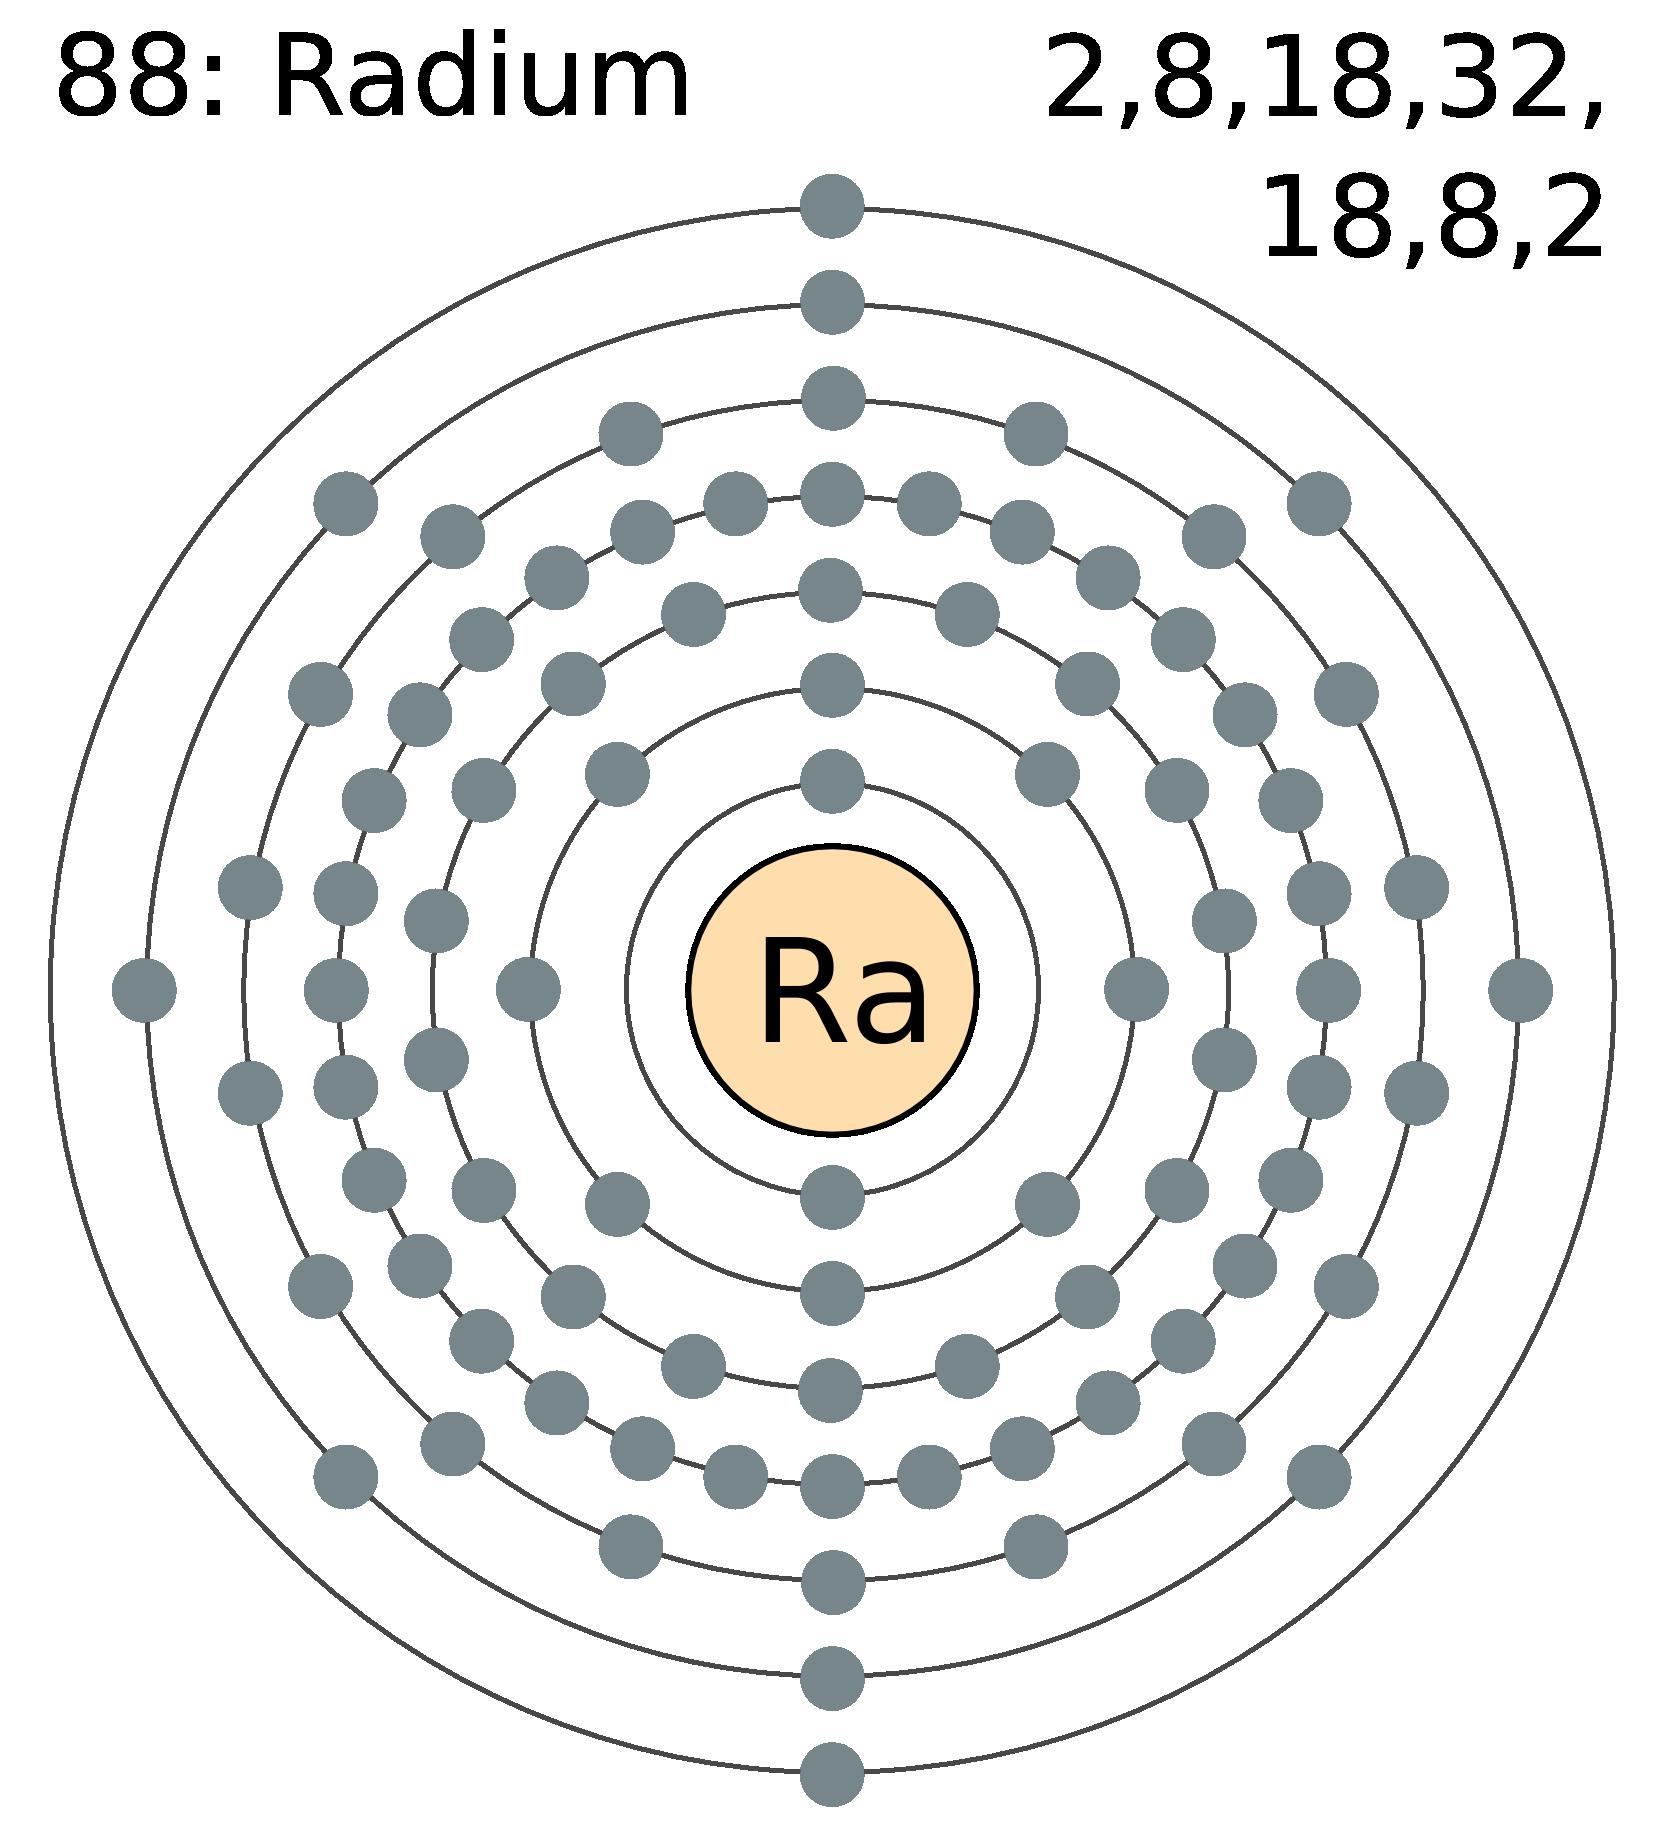 Fileelectron shell 088 radiumg wikimedia commons fileelectron shell 088 radiumg pooptronica